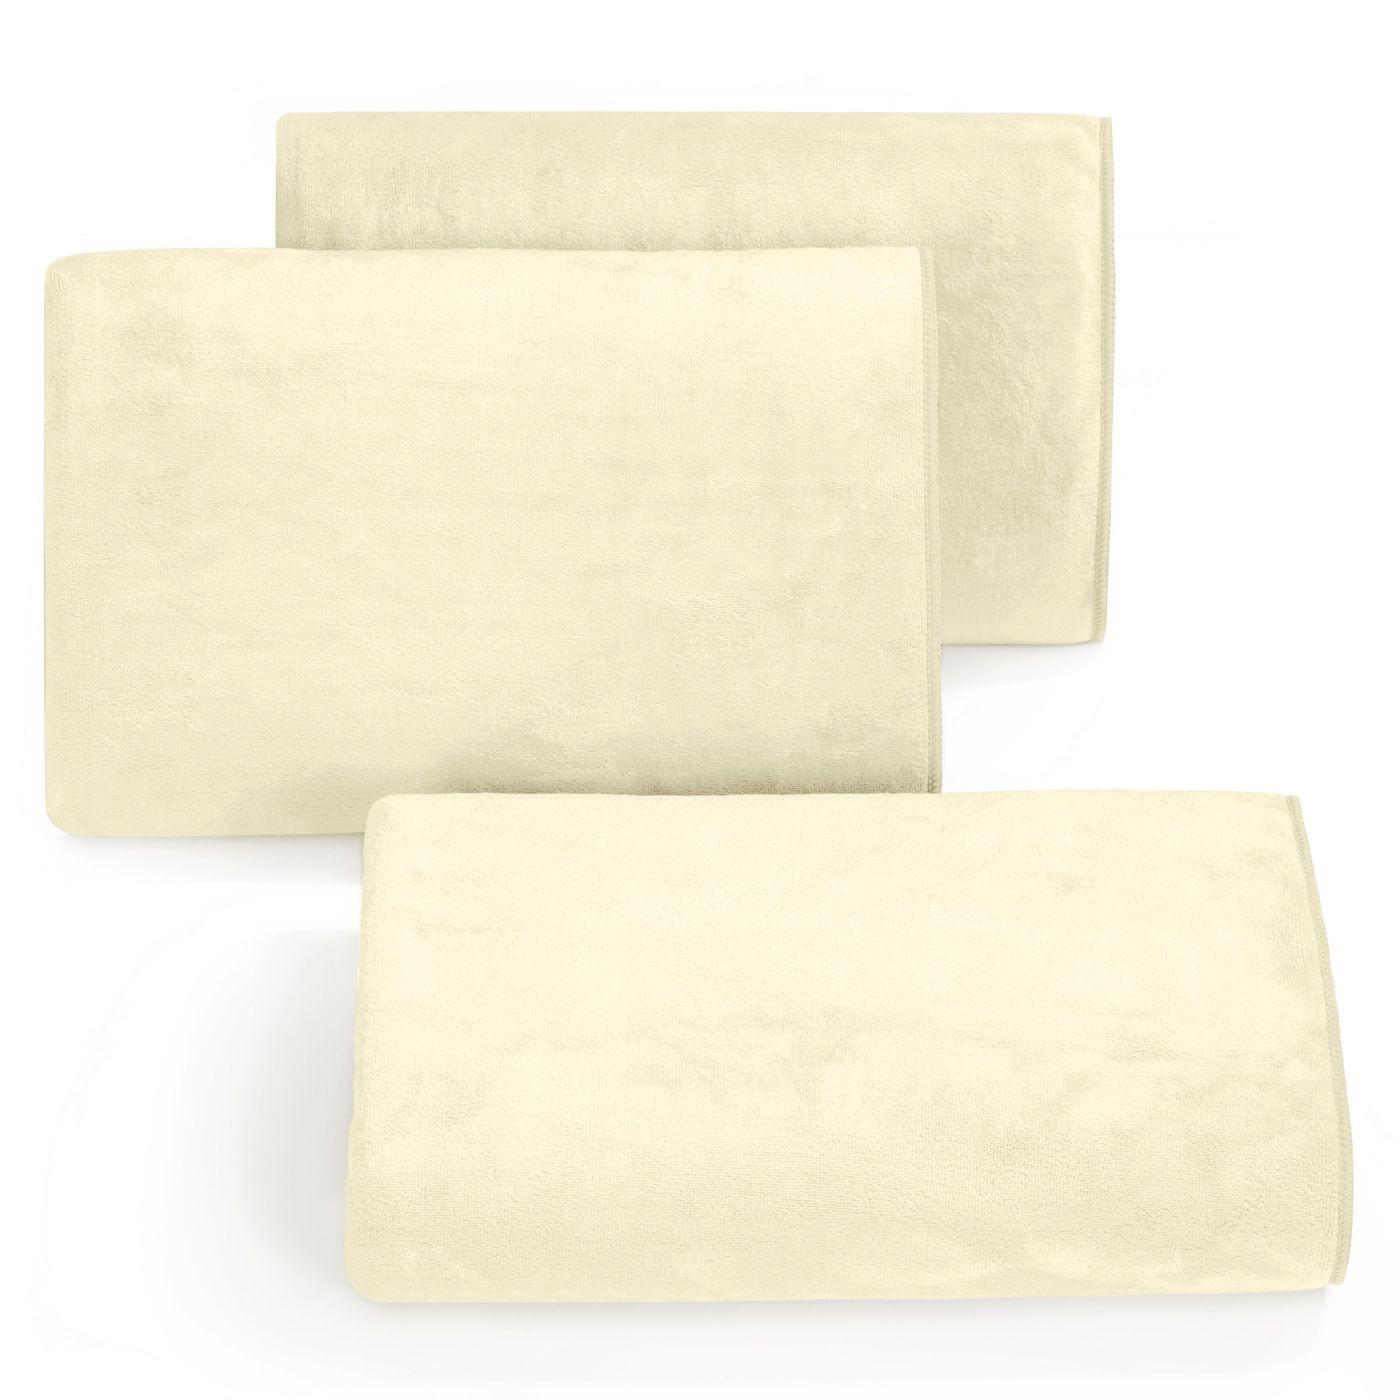 Ręcznik z mikrofibry szybkoschnący kremowy 30x50cm